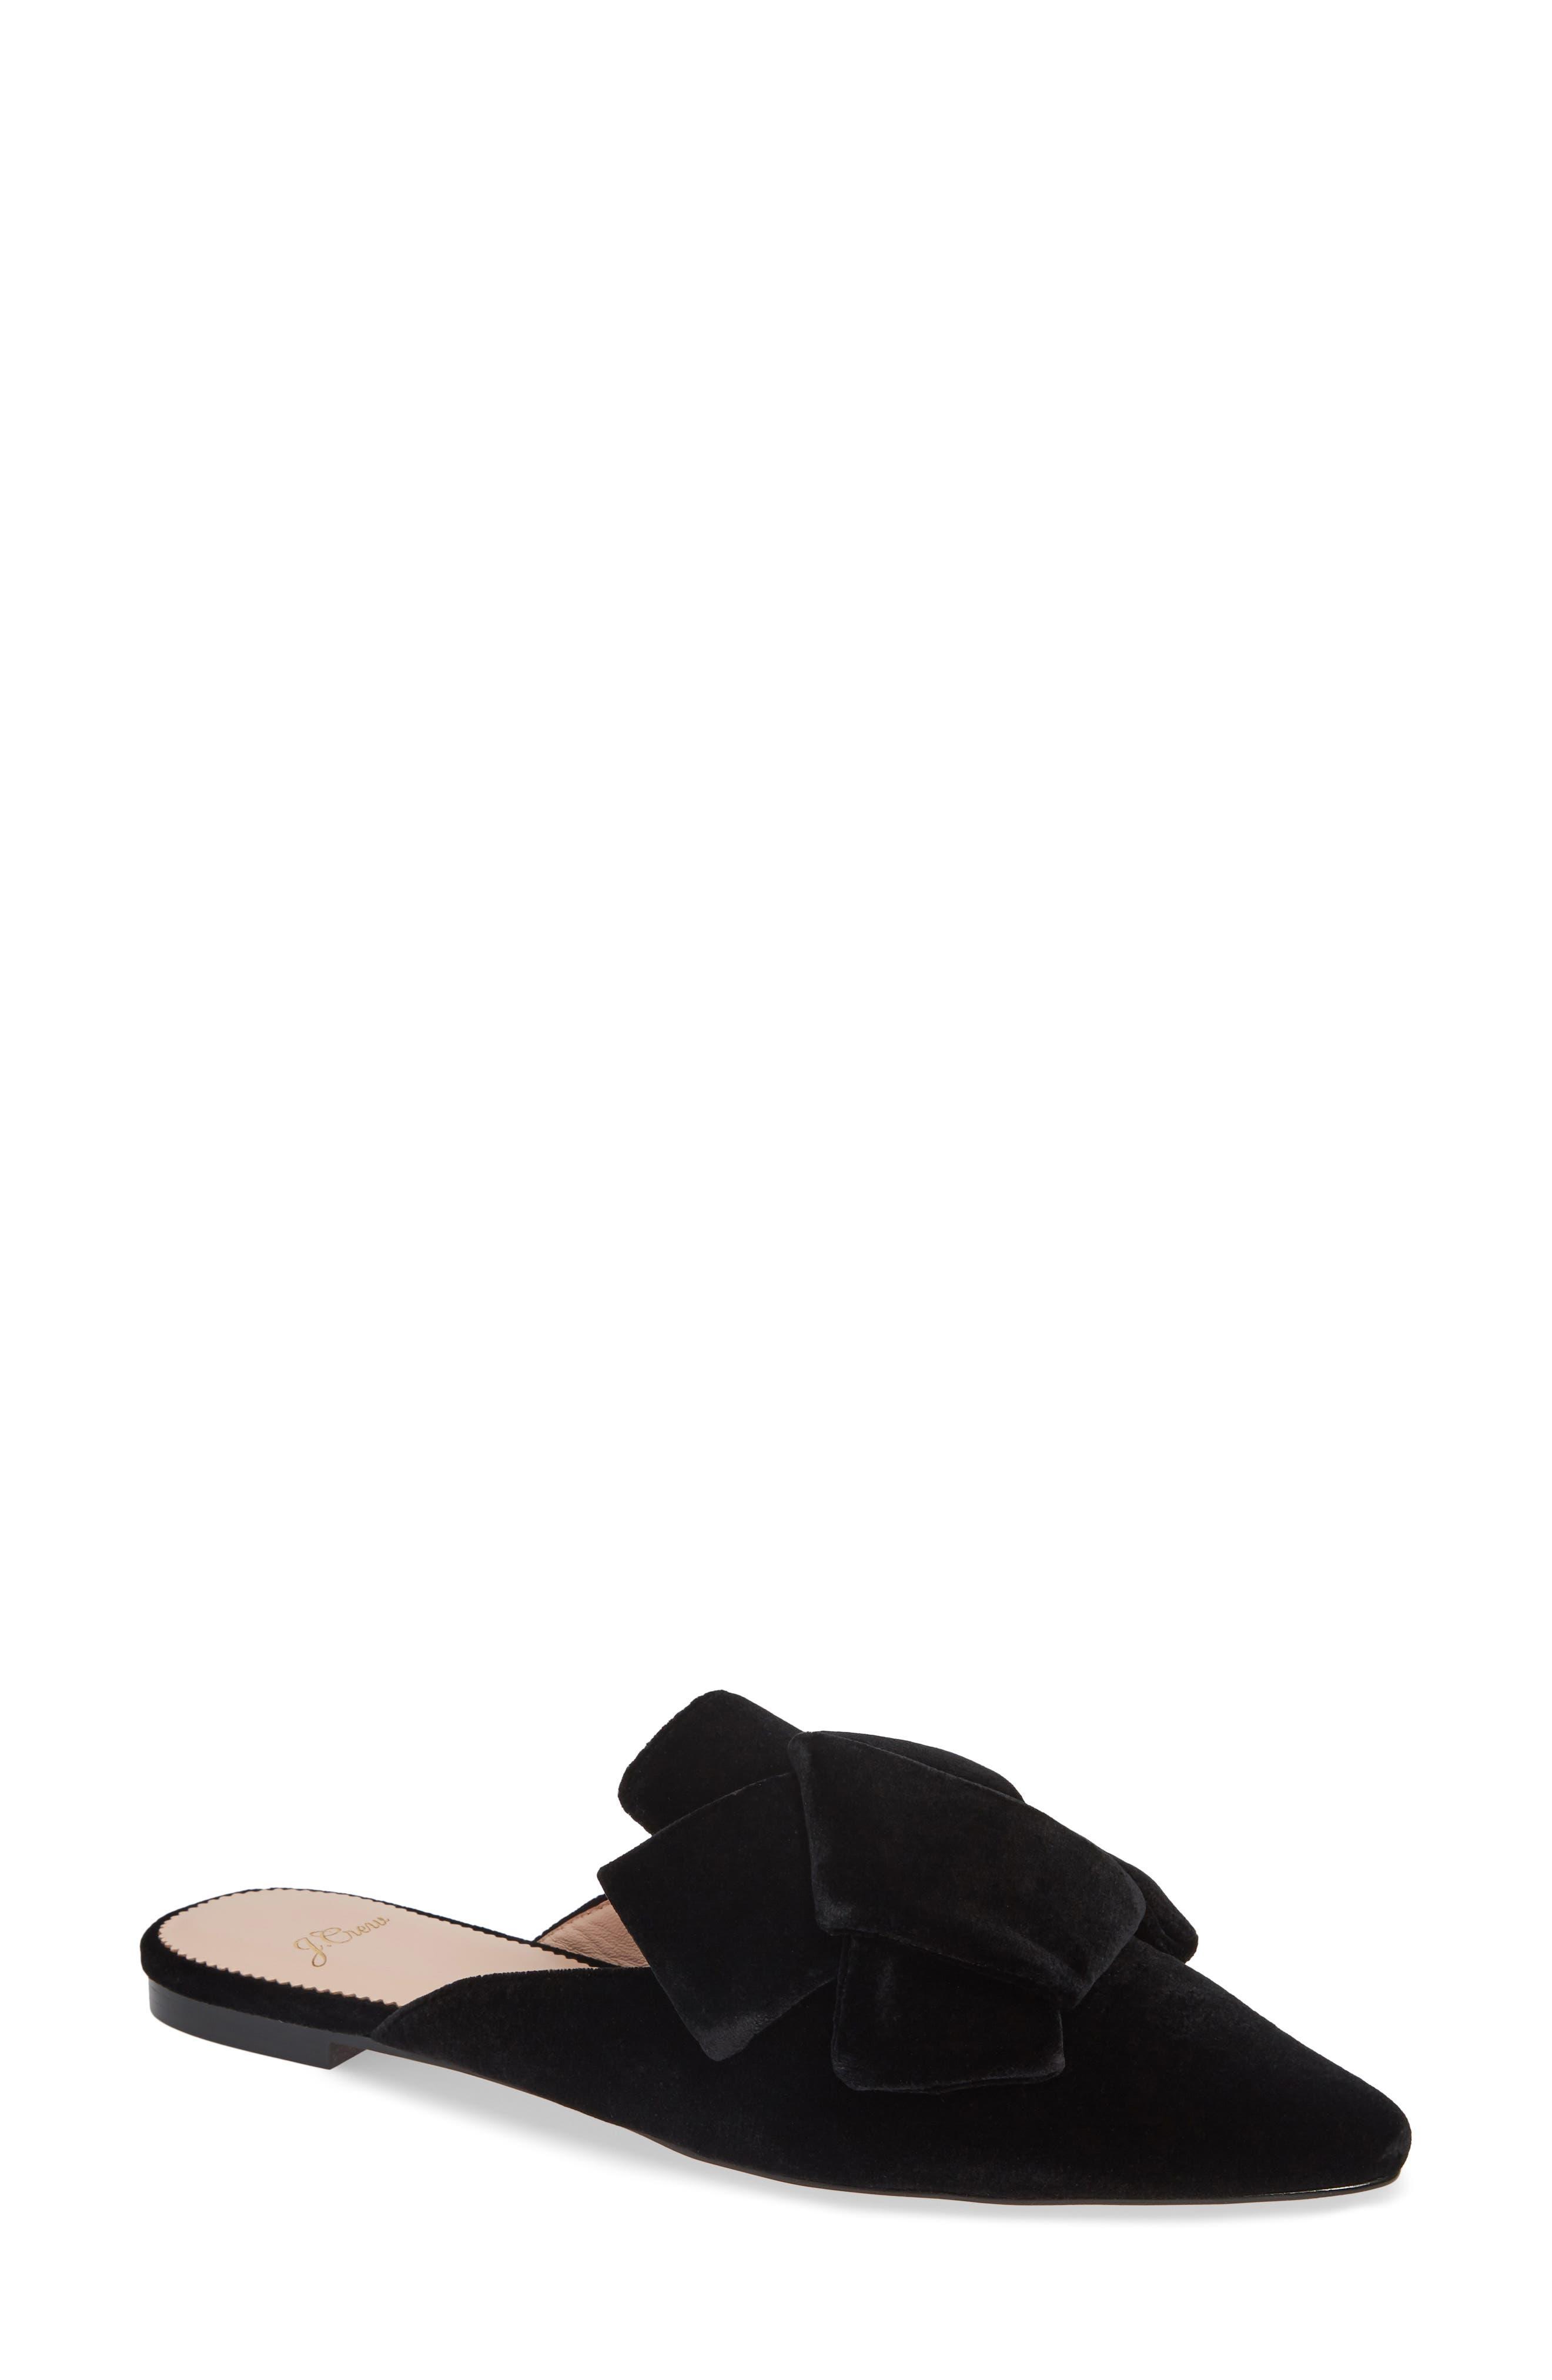 c504d0004 Women s J.Crew Shoes